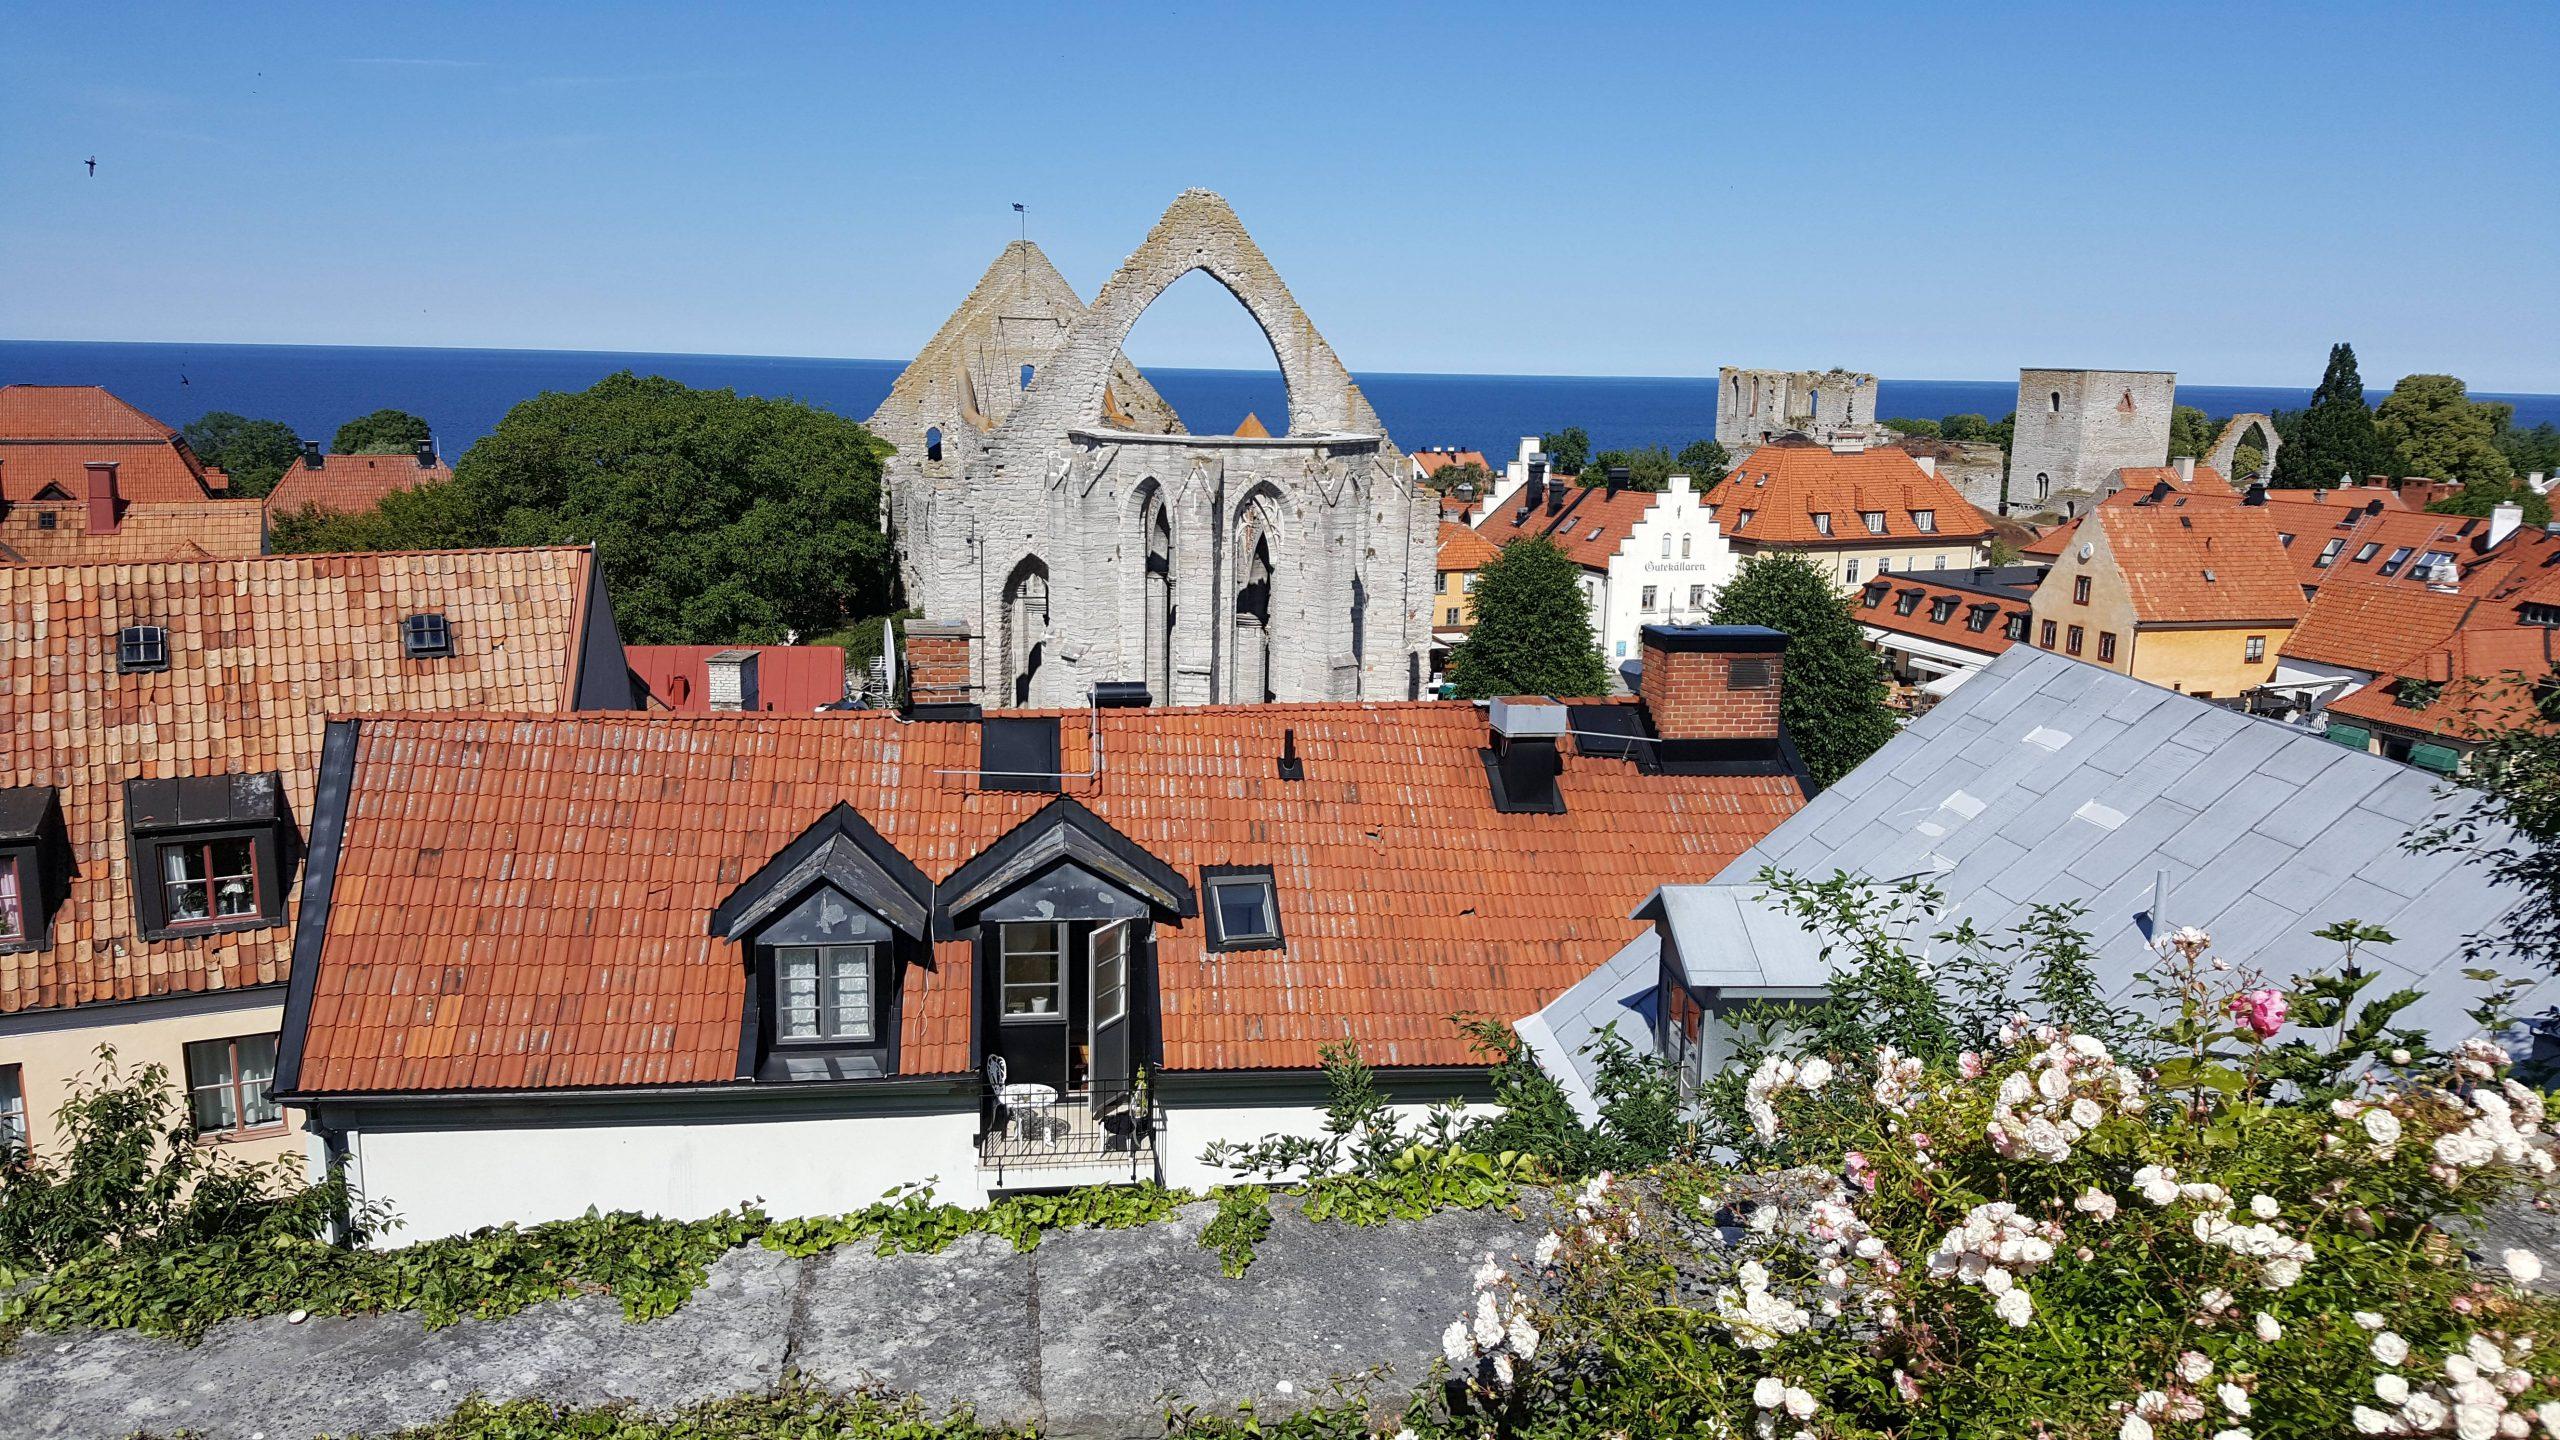 Destination: Gotland